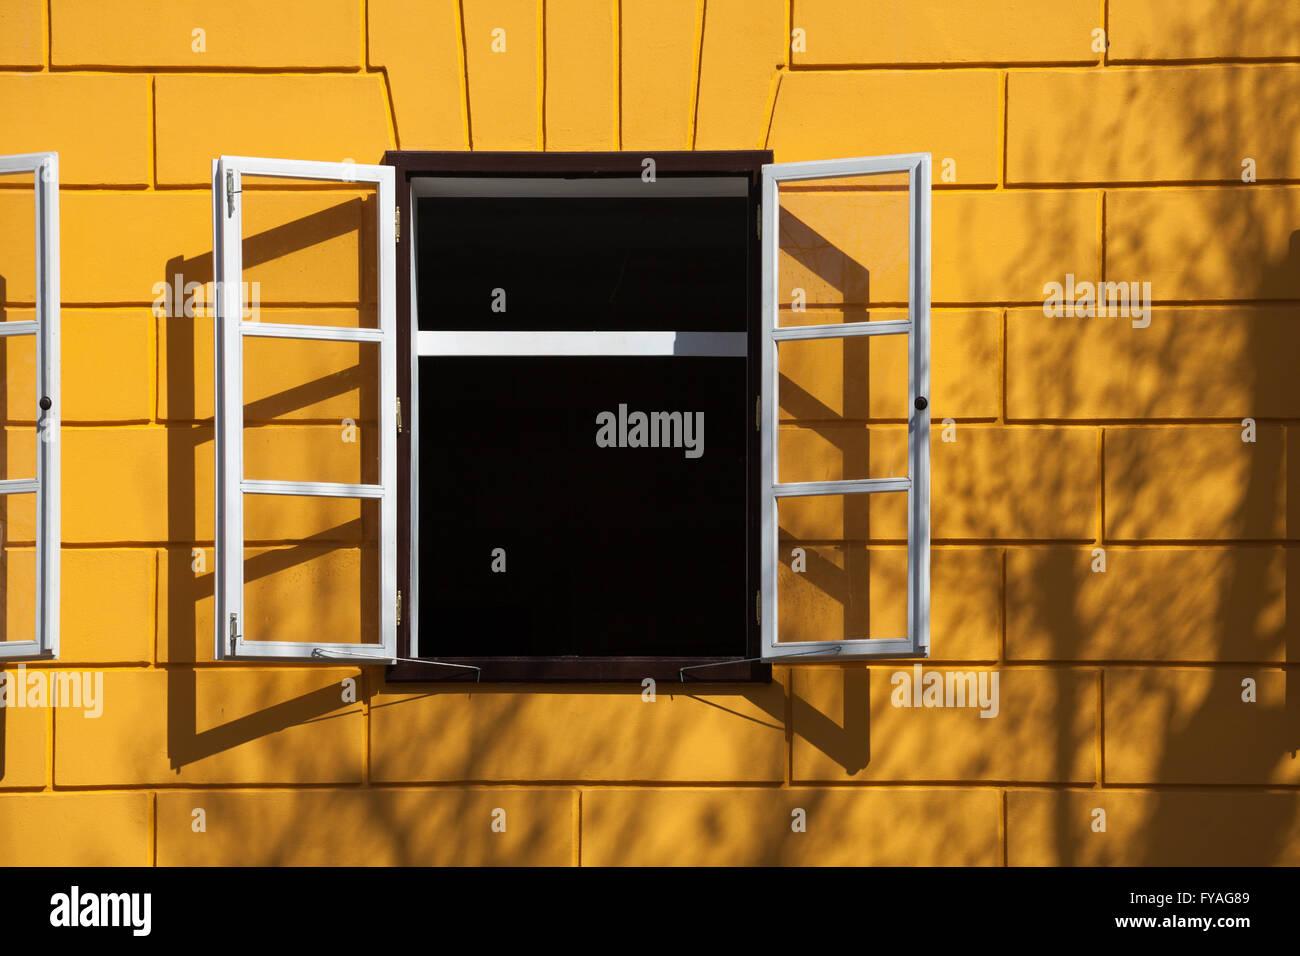 Abrir ventana con marcos blancos, ladrillos amarillos y algunas ...